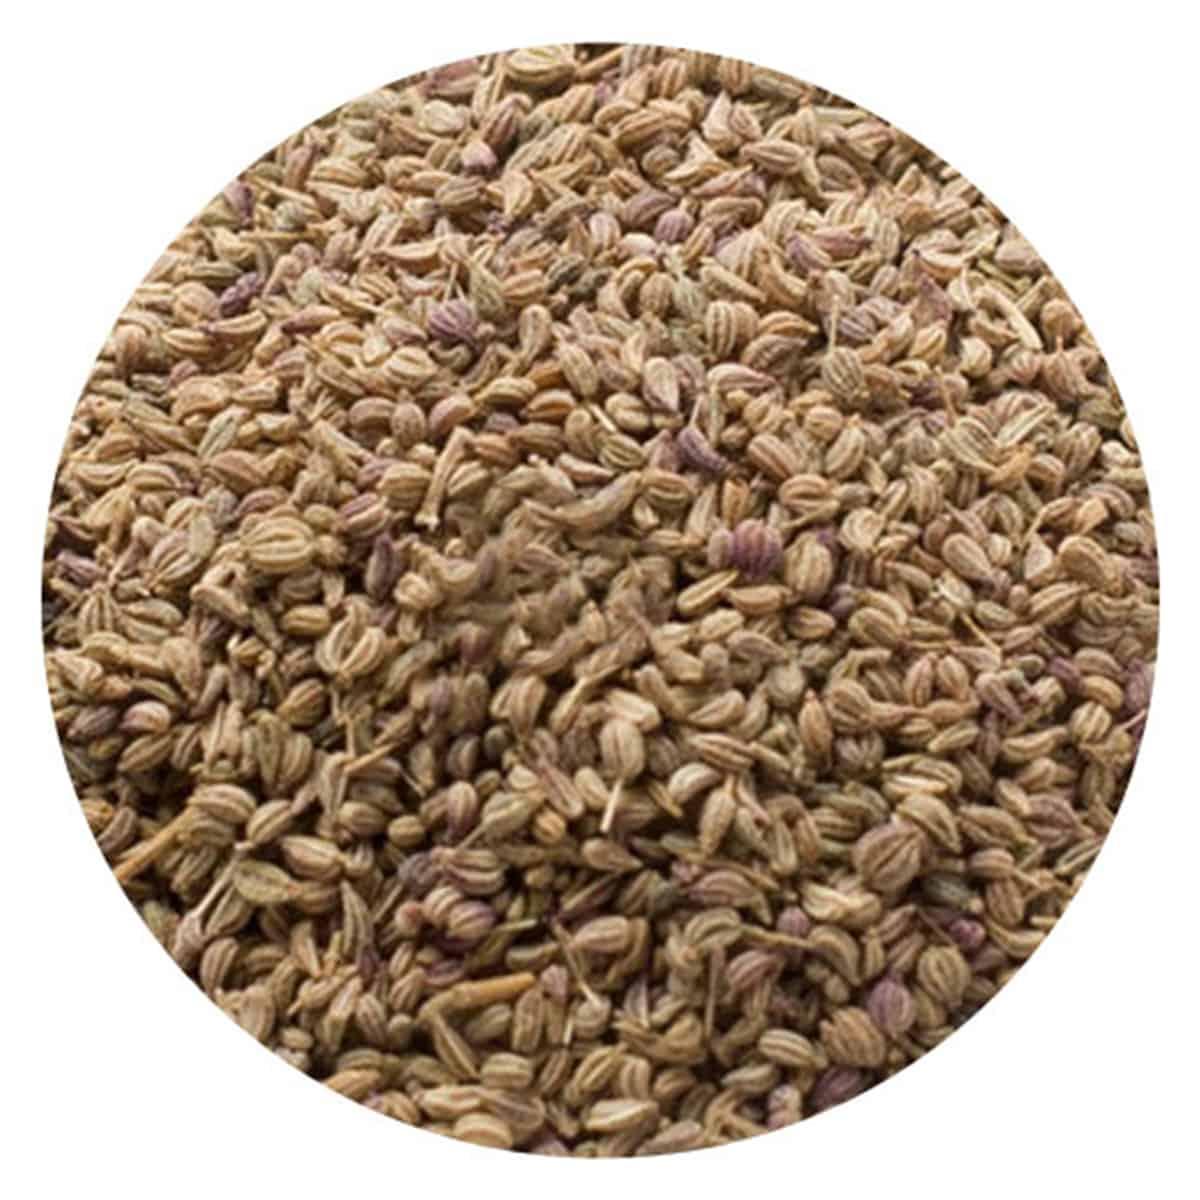 Buy IAG Foods Carom Seeds / Bishops Weed Seeds (Ajwain) - 1 kg